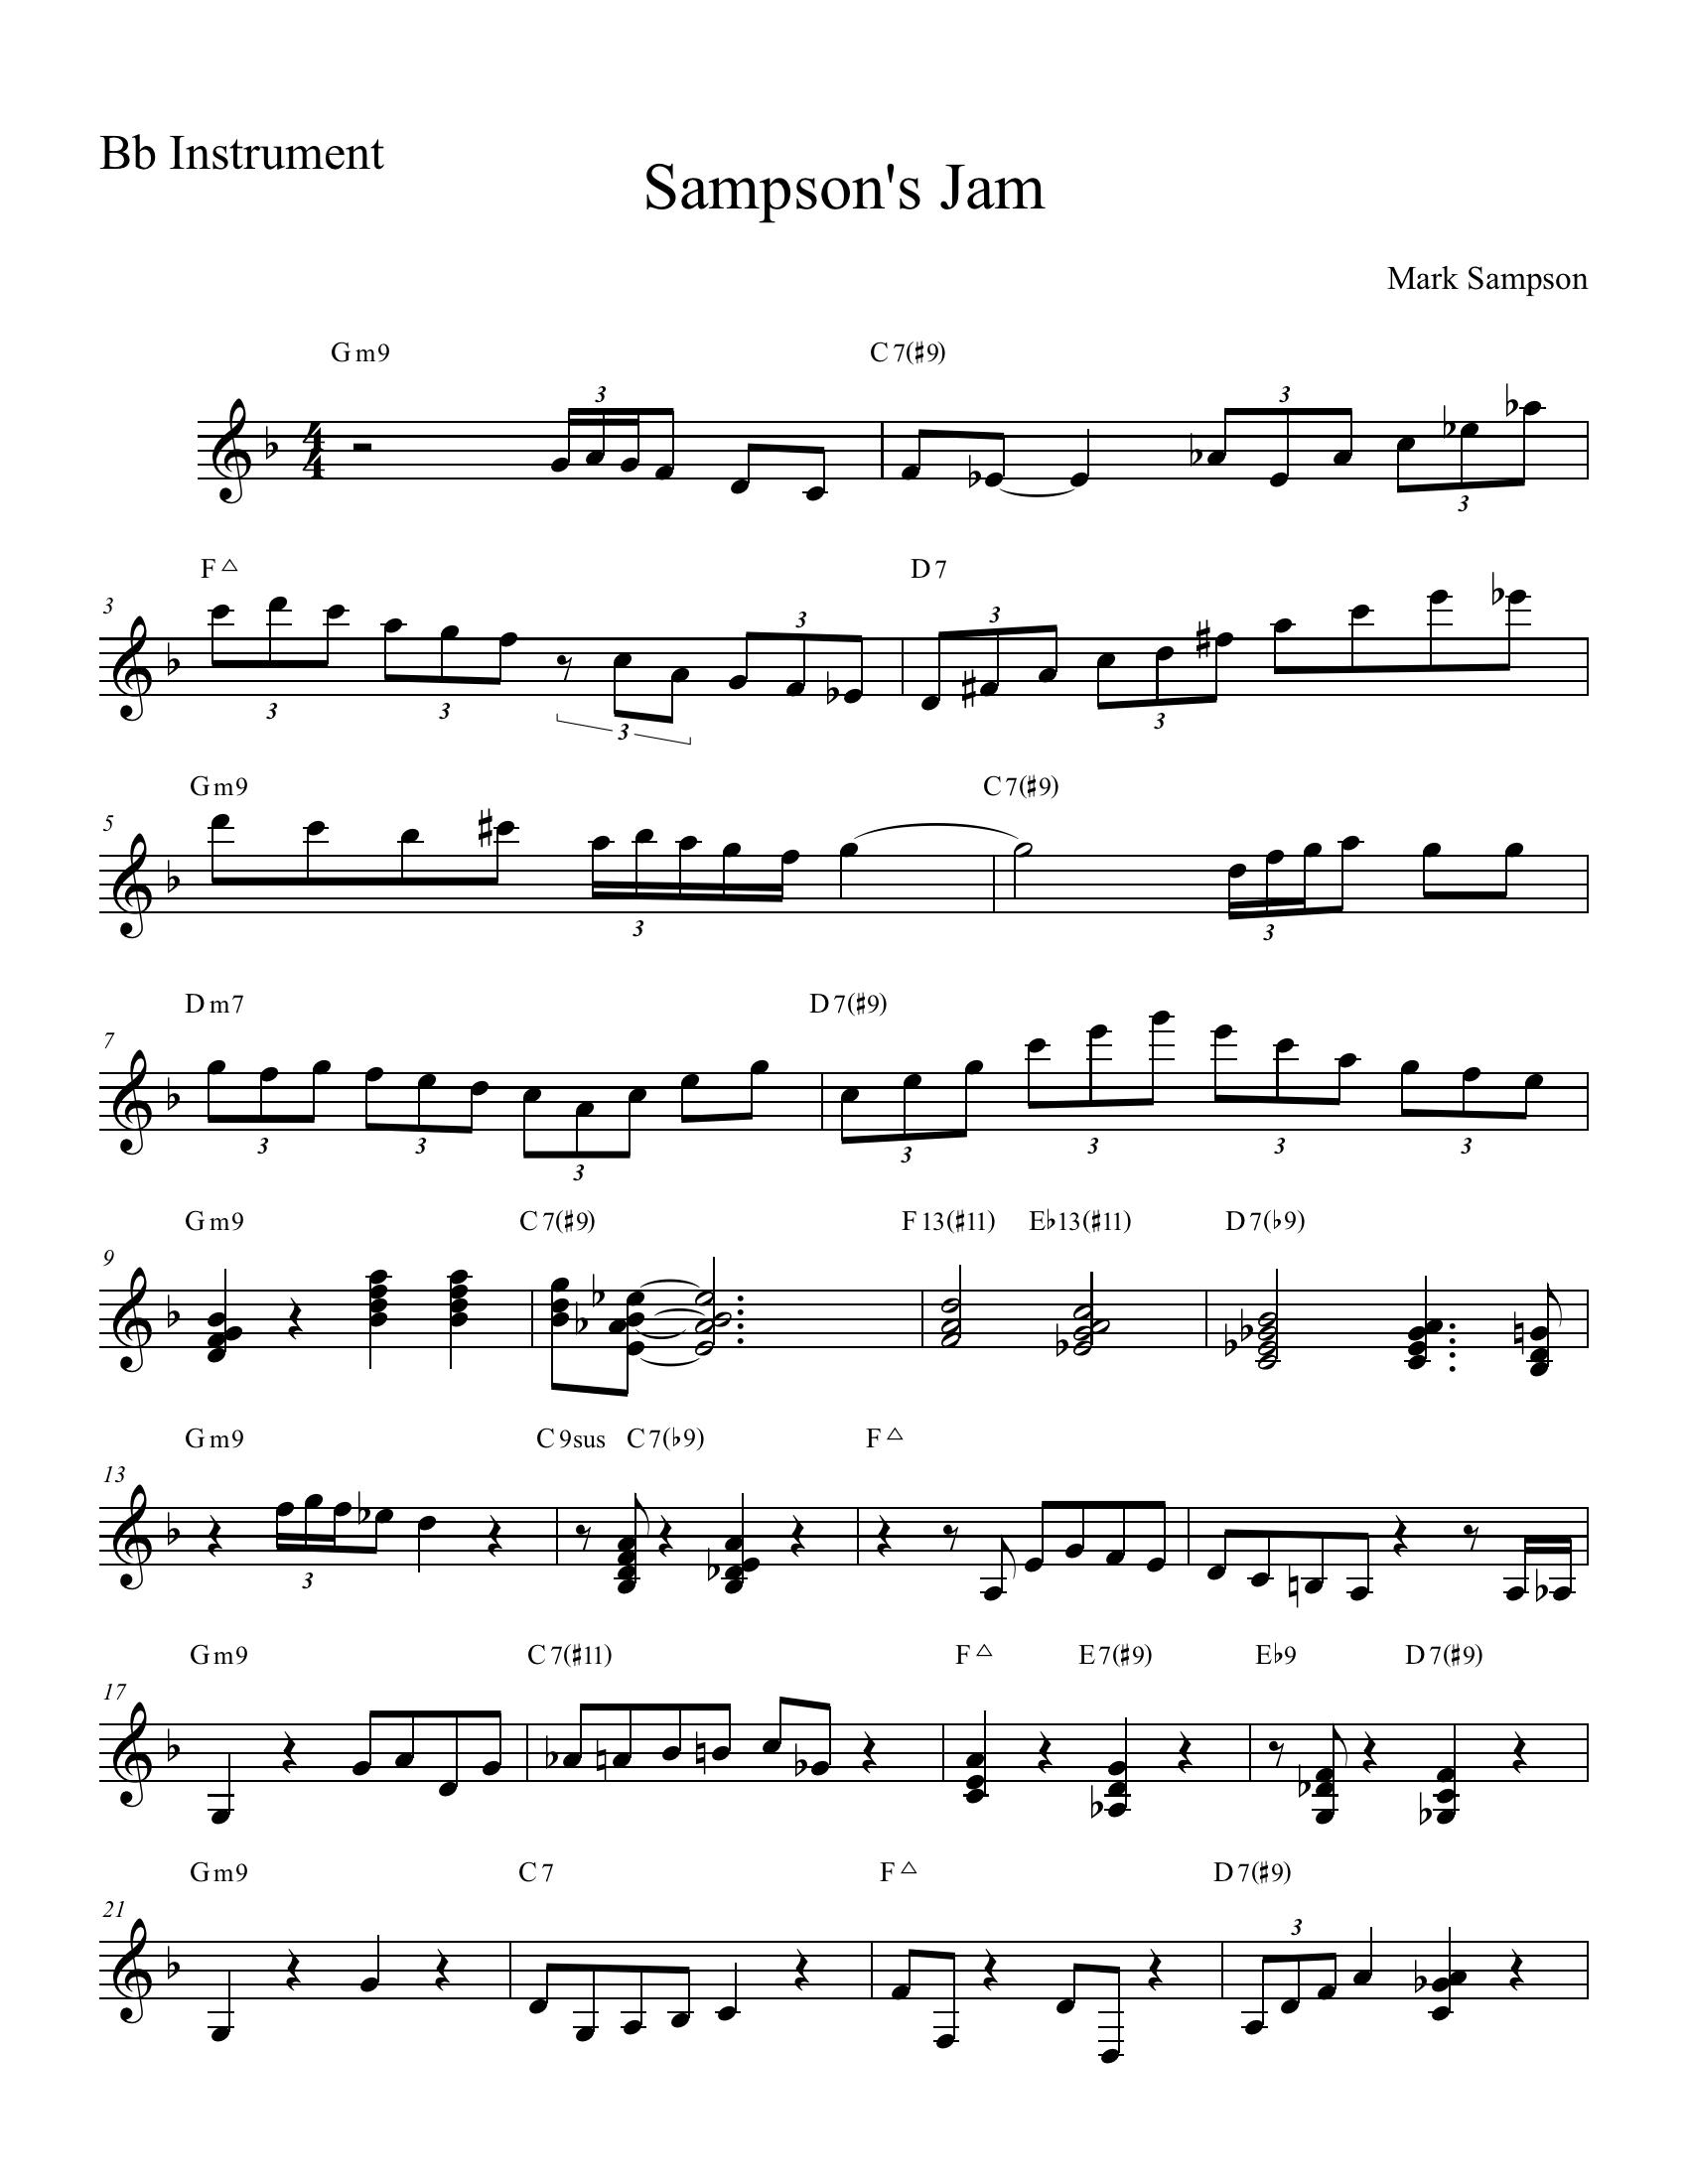 Sampson's Jam (Bb Instrument).jpg